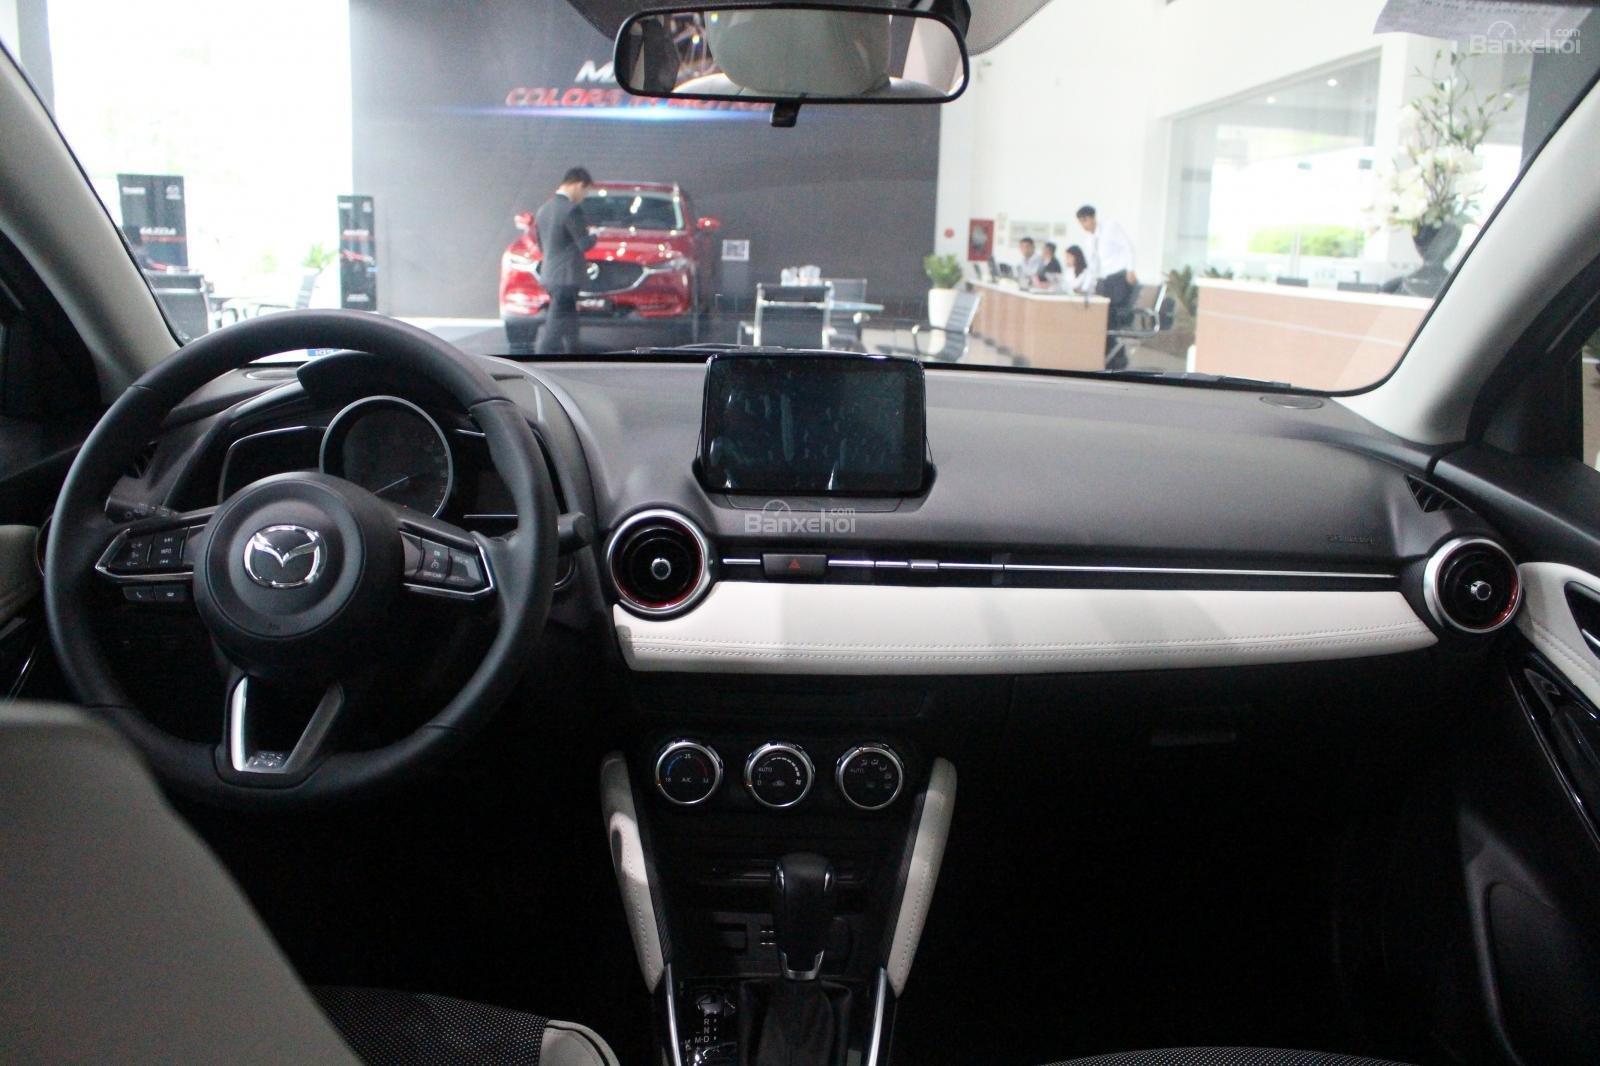 Bán Mazda 2 1.5 AT 2019, xe nhập nguyên chiếc, LH 0941 322 979 [Mazda Bình Triệu] (3)